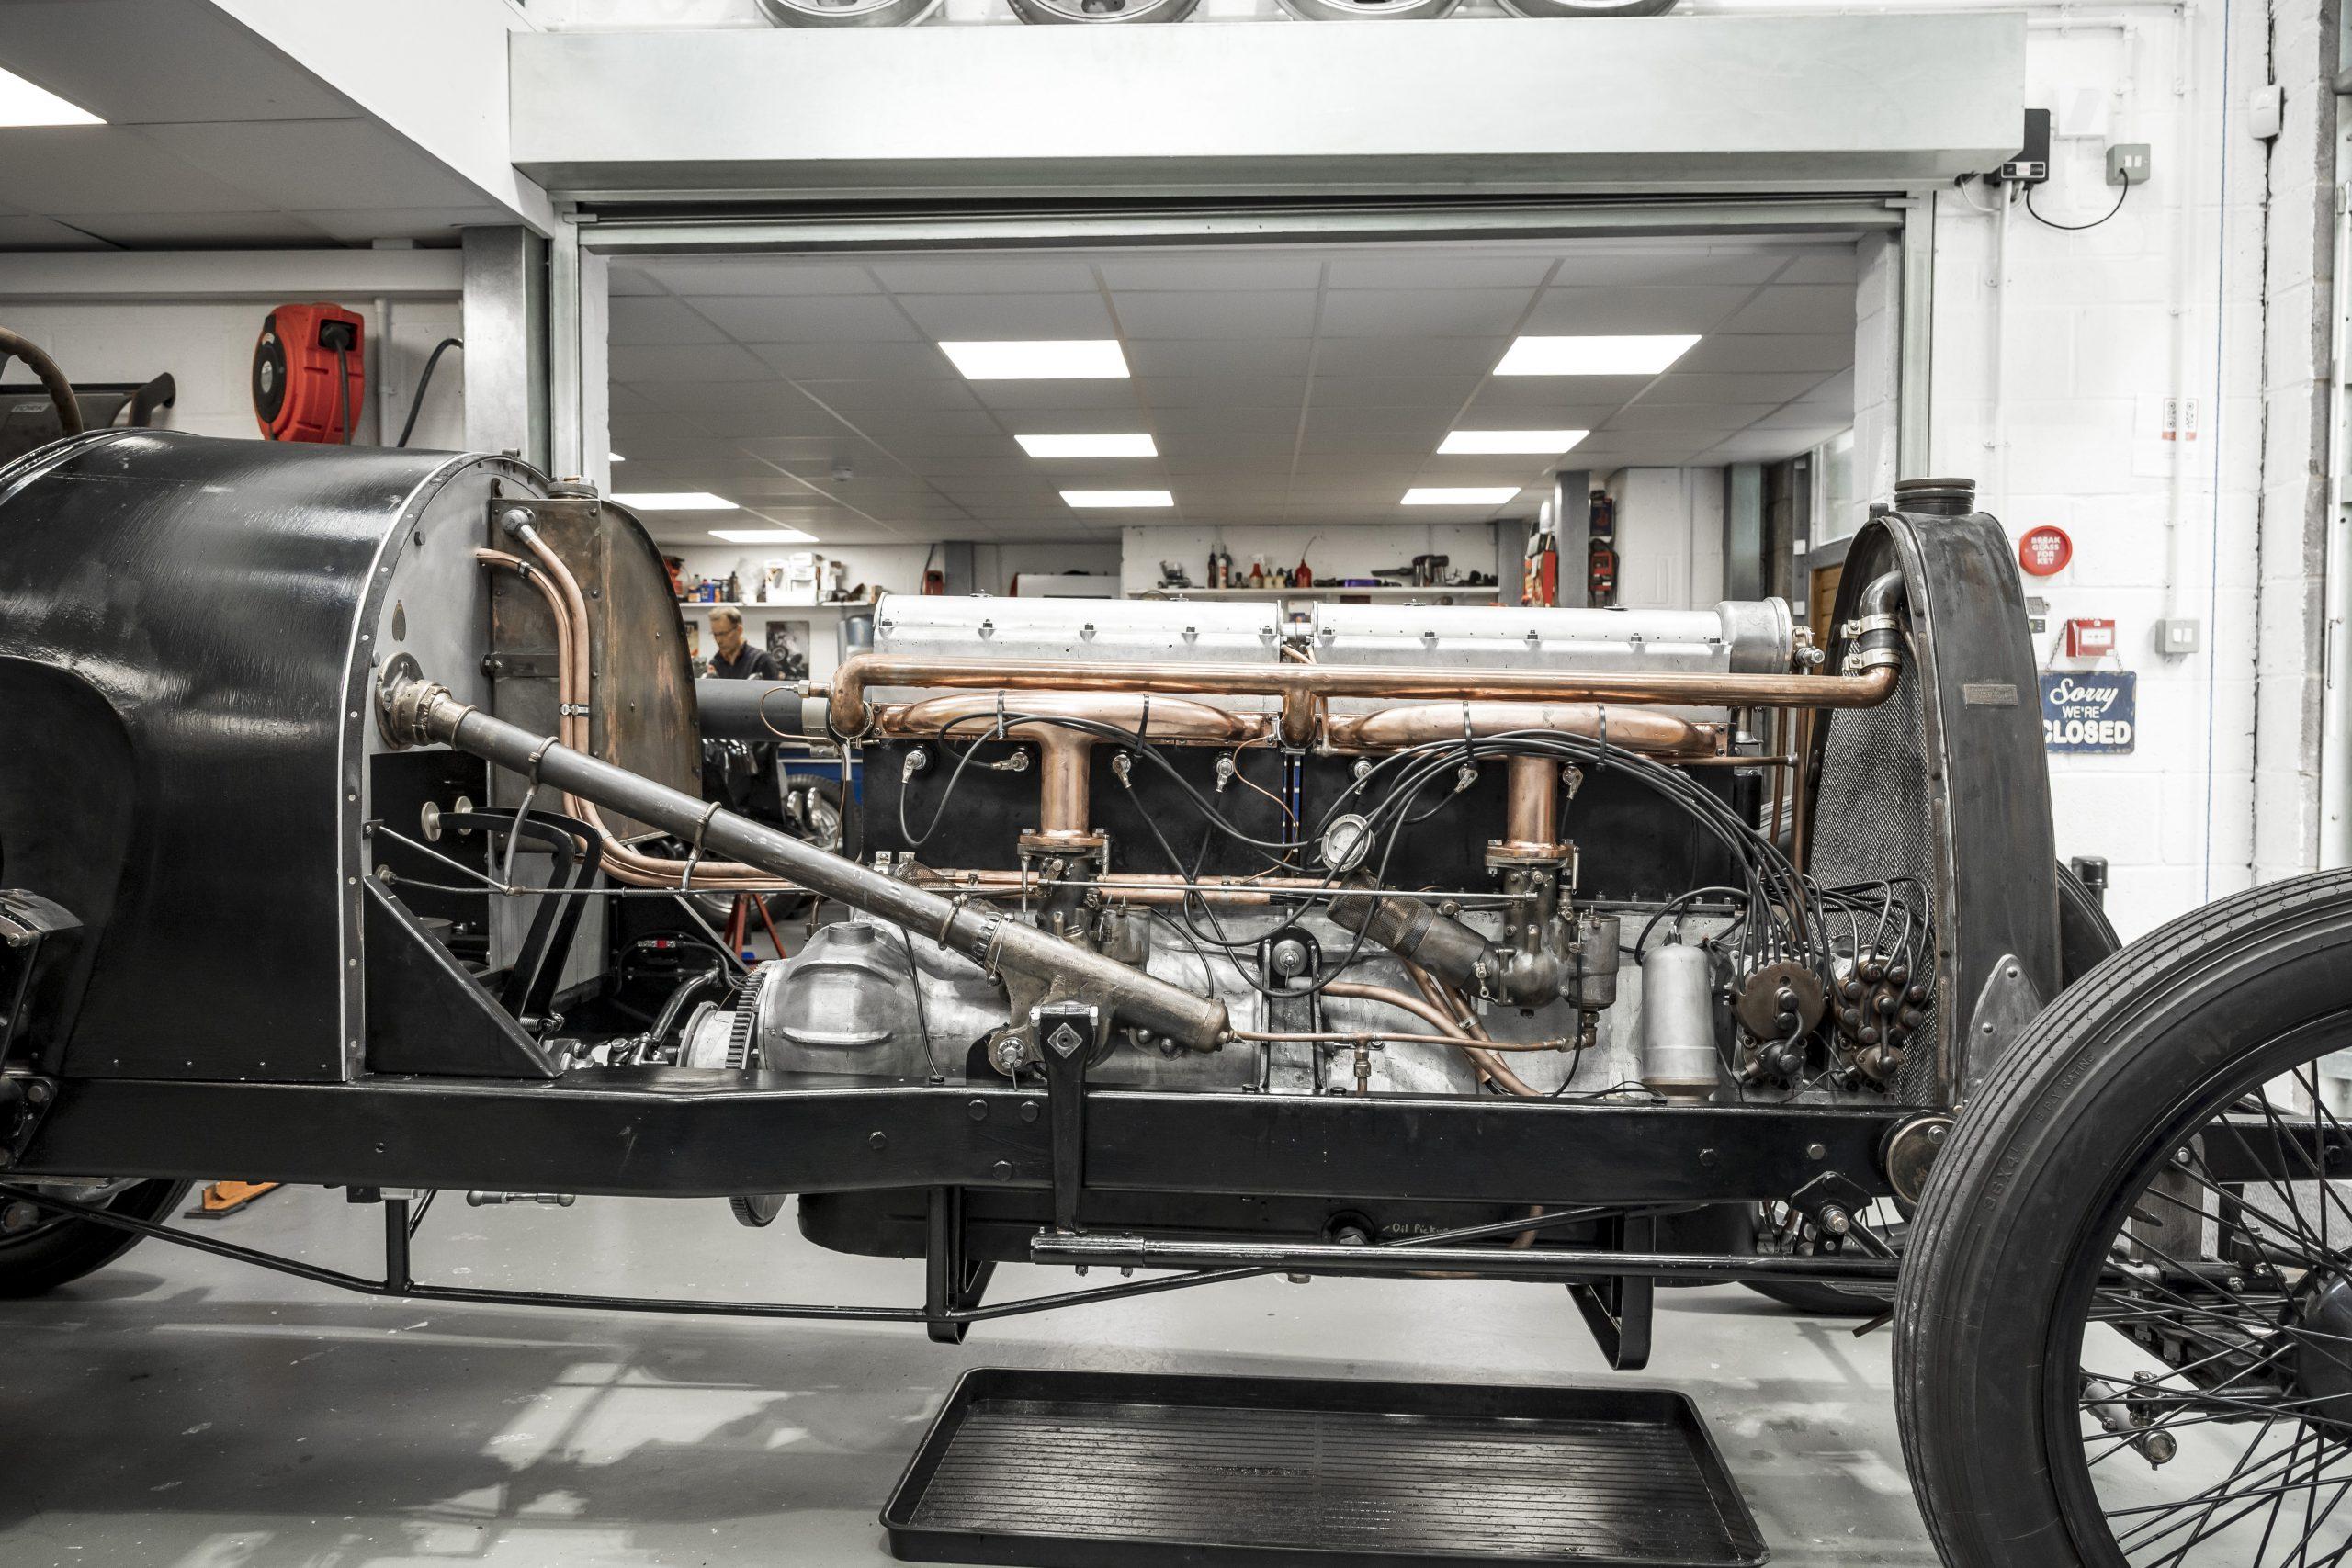 Tula Precision bugatti engine side profile